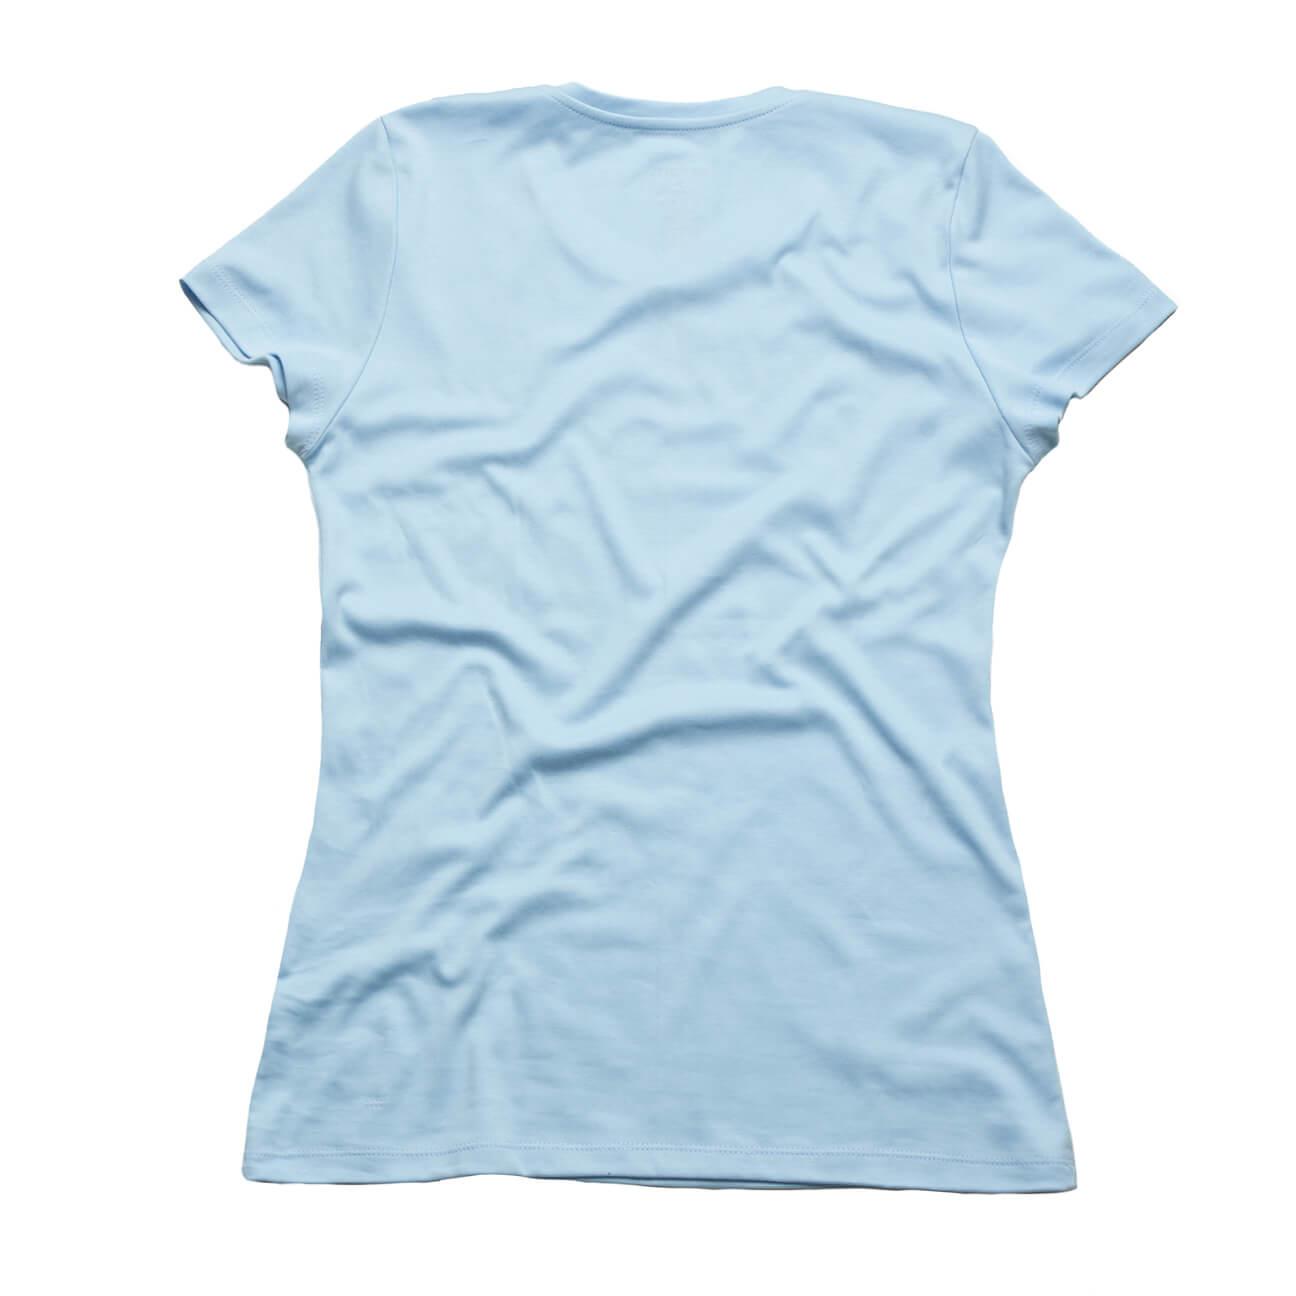 Franela basica Verticales damas cuello redondo azul claro espalda